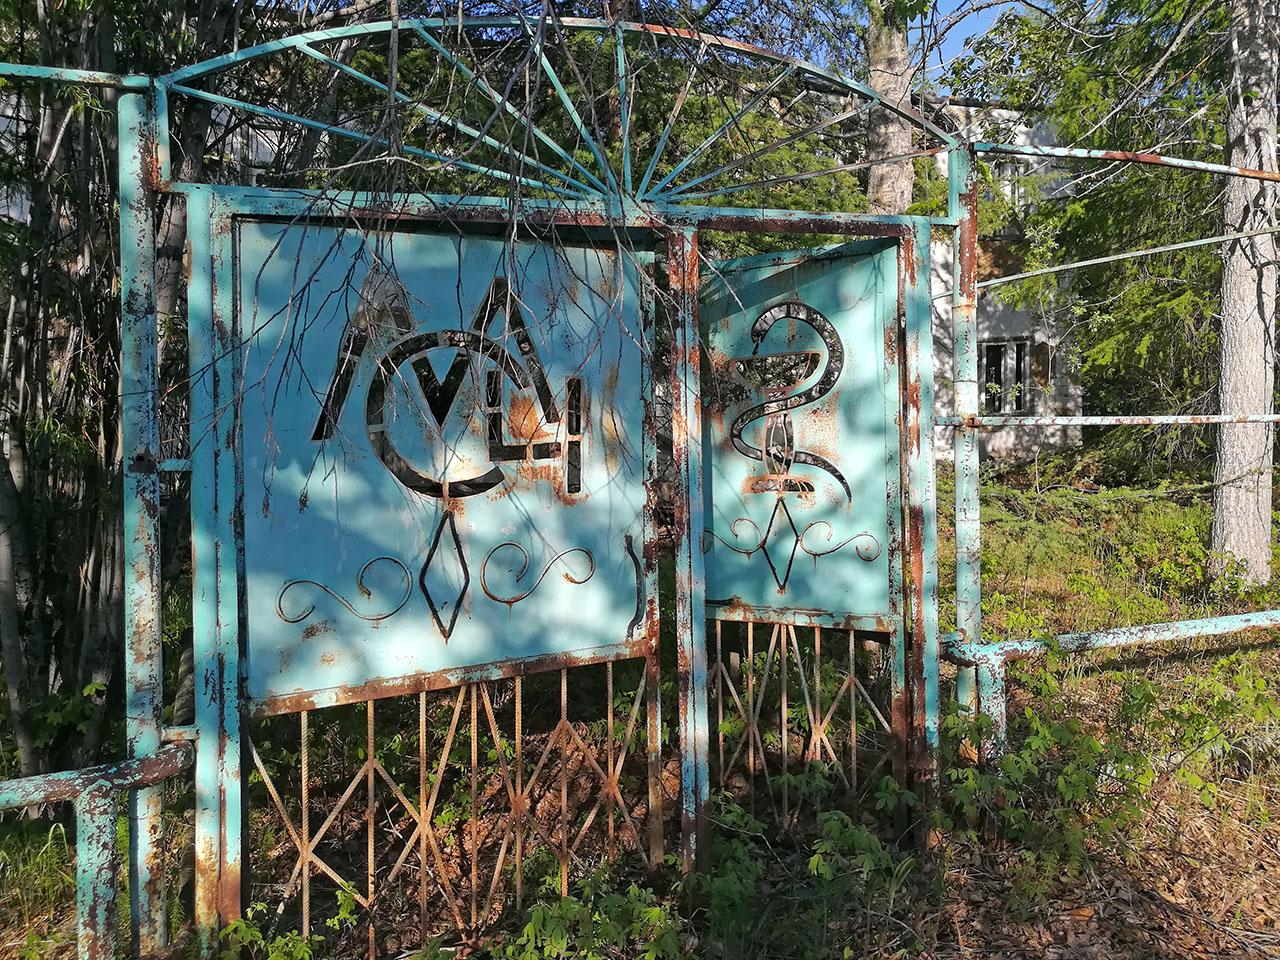 Ворота у здания МСЧ. Фото из архива Елены Полищук. 2018 год.